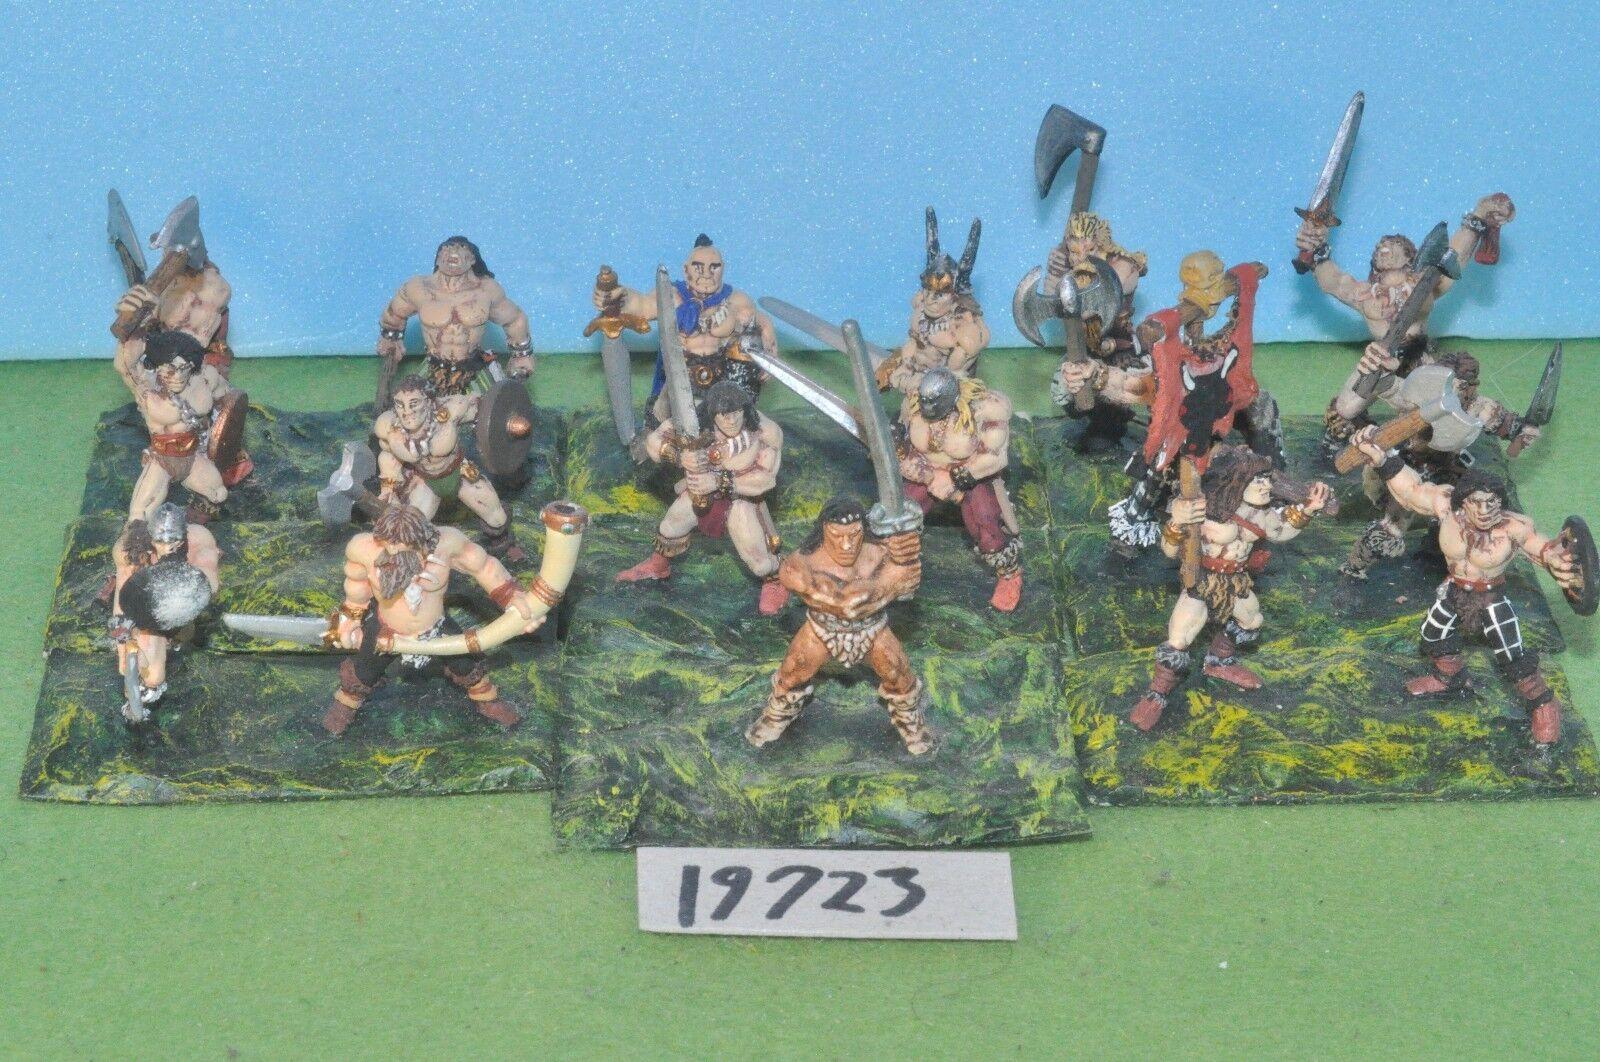 Item fantasy   warhammer - chaos barbarian skirmishers 17 metal - (19723)